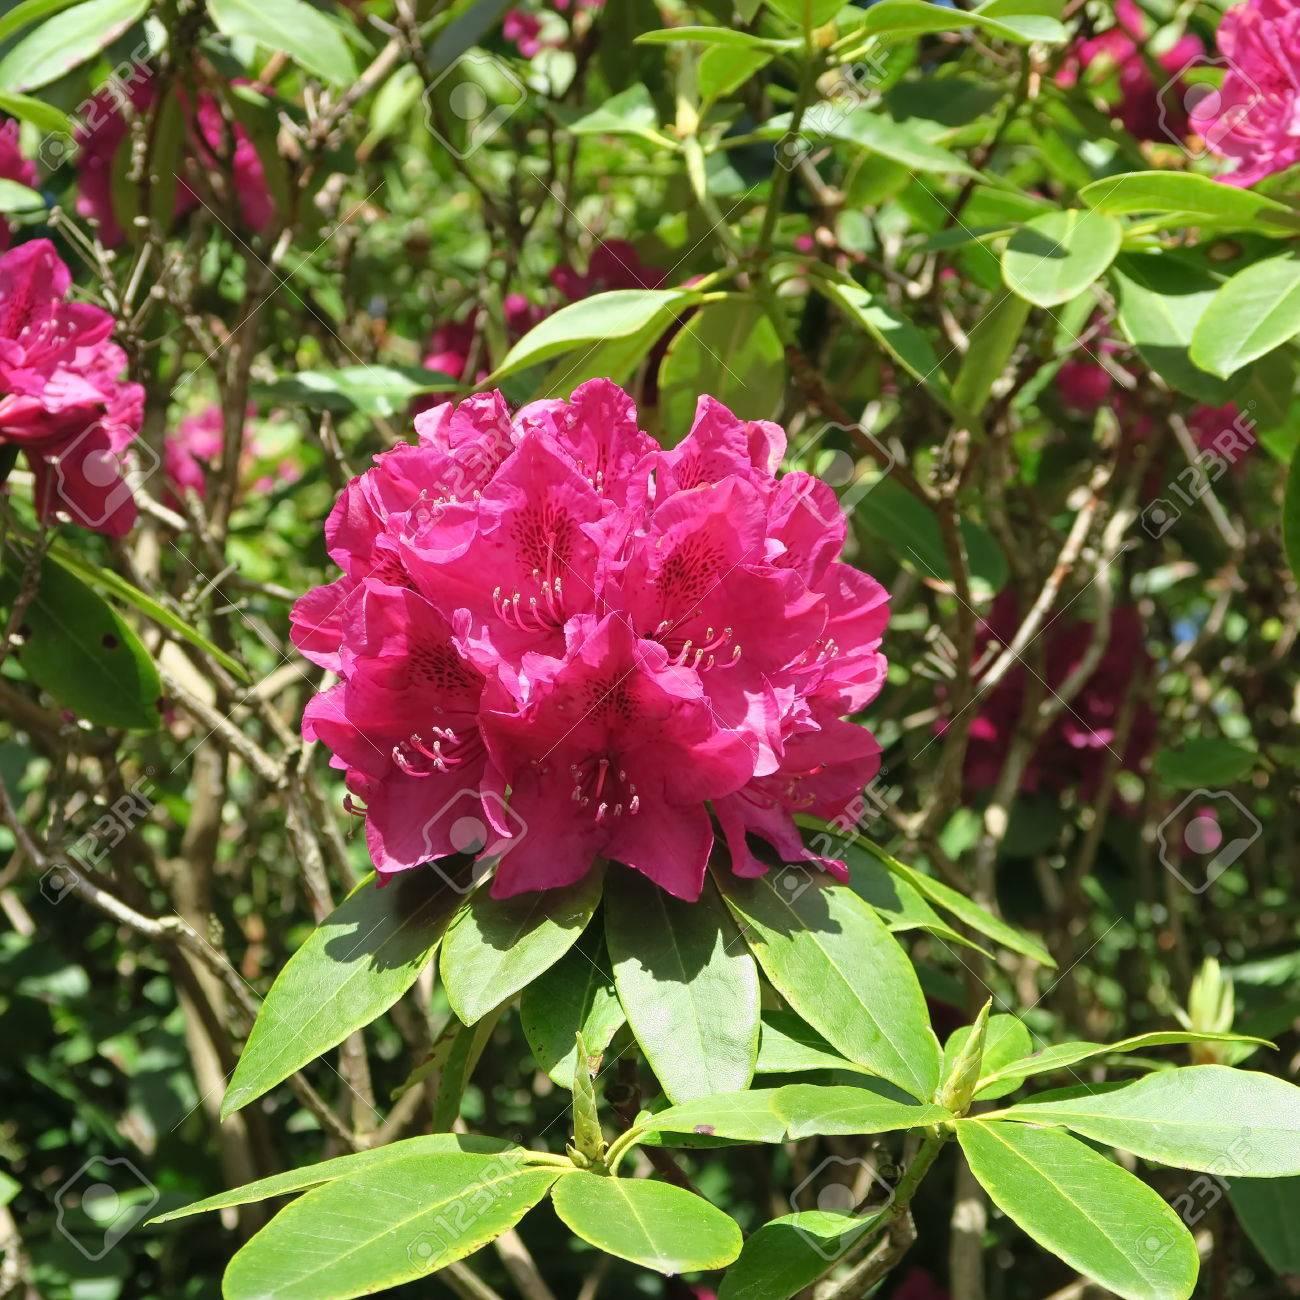 Außergewöhnlich Blumen Mai Galerie Von Standard-bild - Viele Bunte Blühen Im Von